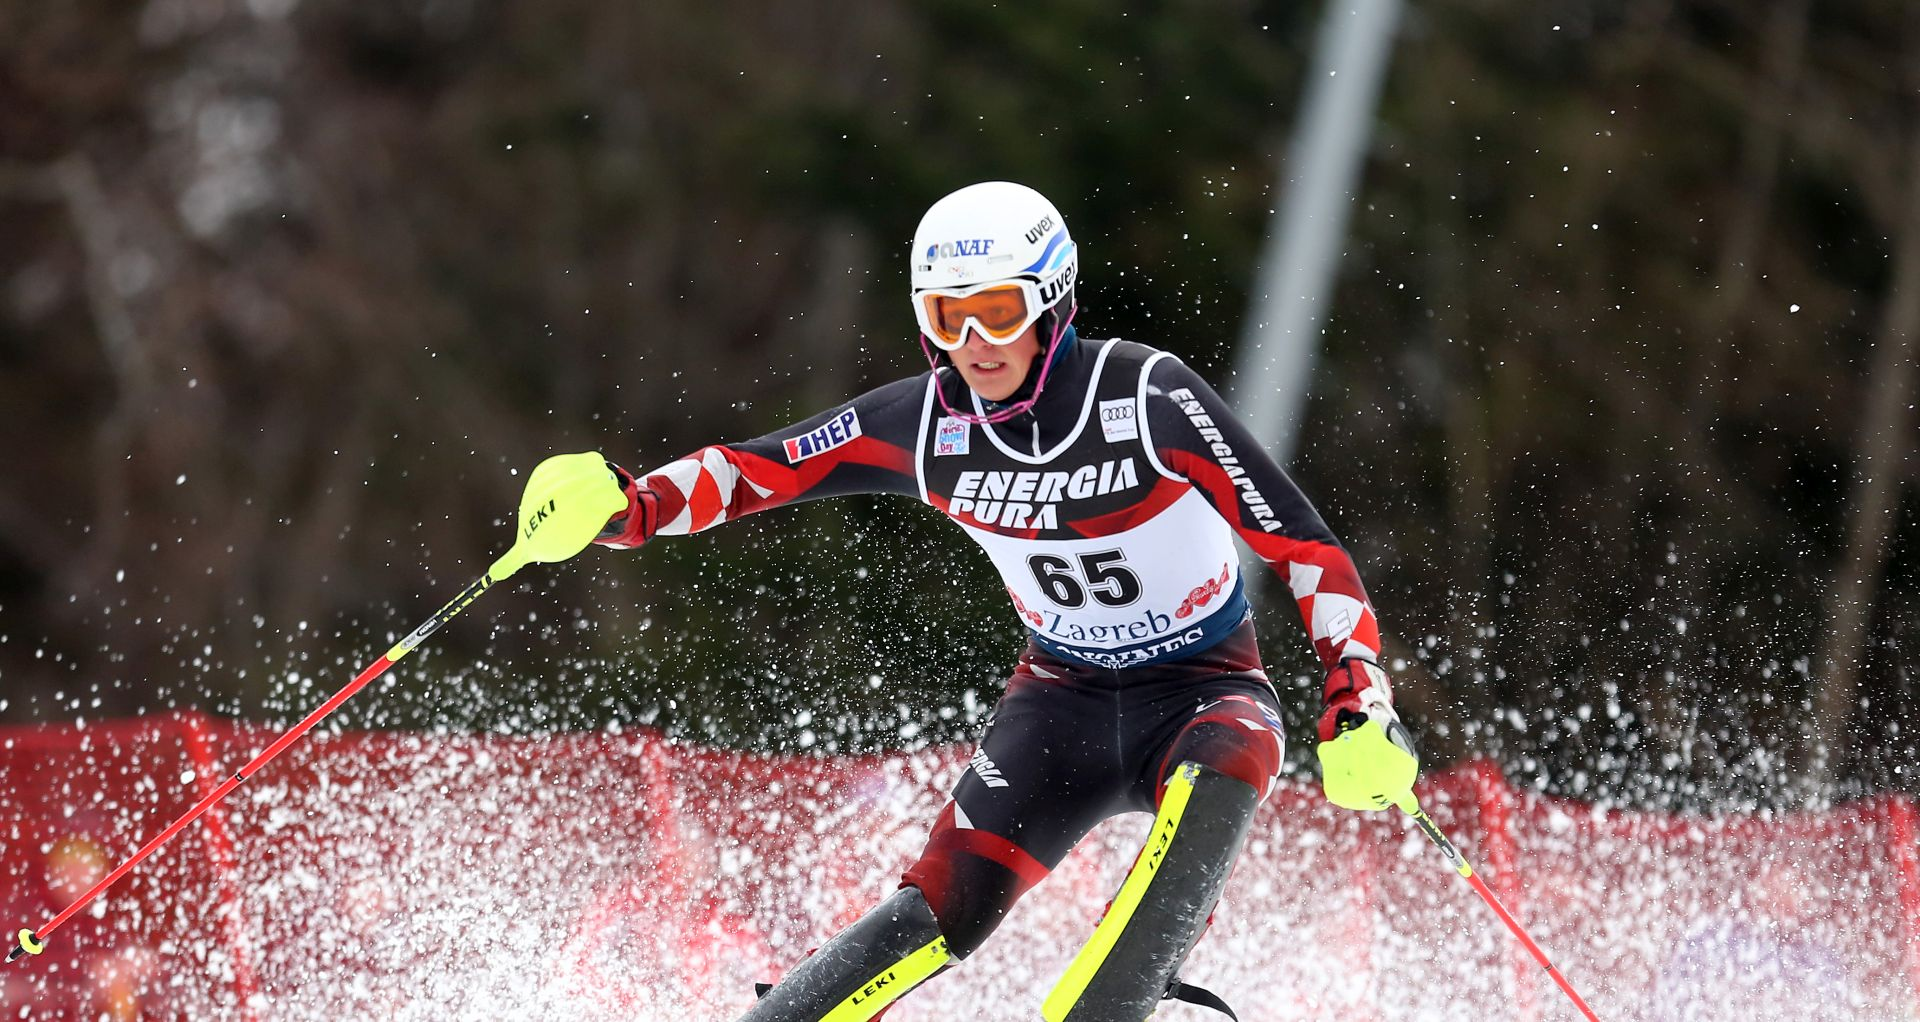 Wengen, slalom: Nova pobjeda Hirschera, a Elias Kolega osvojio prve bodove u Svjetskom kupu